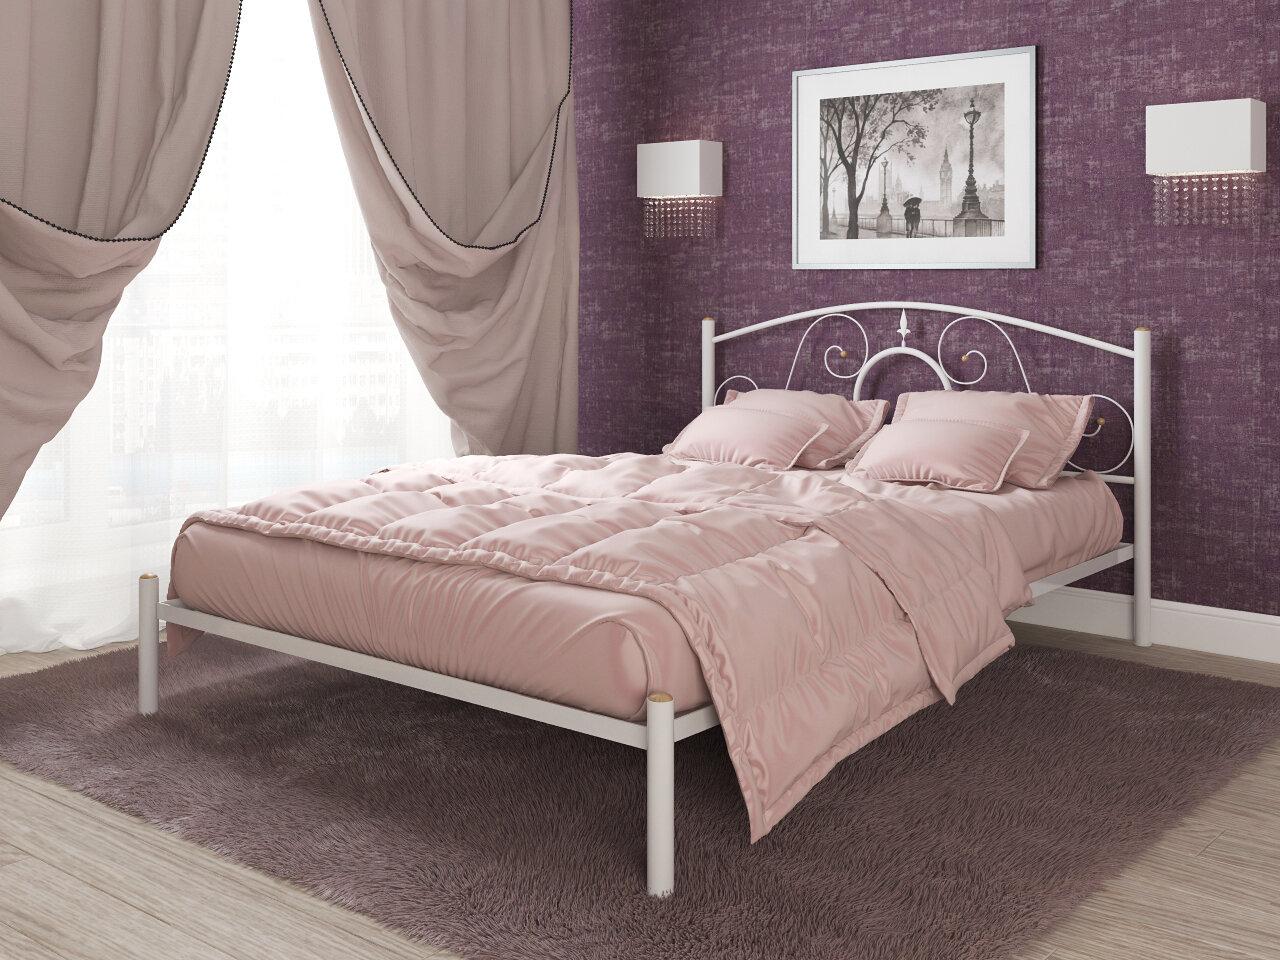 Кровать двуспальная металлическая 140x200 ESМебель flame Ларго (Белый глянец)